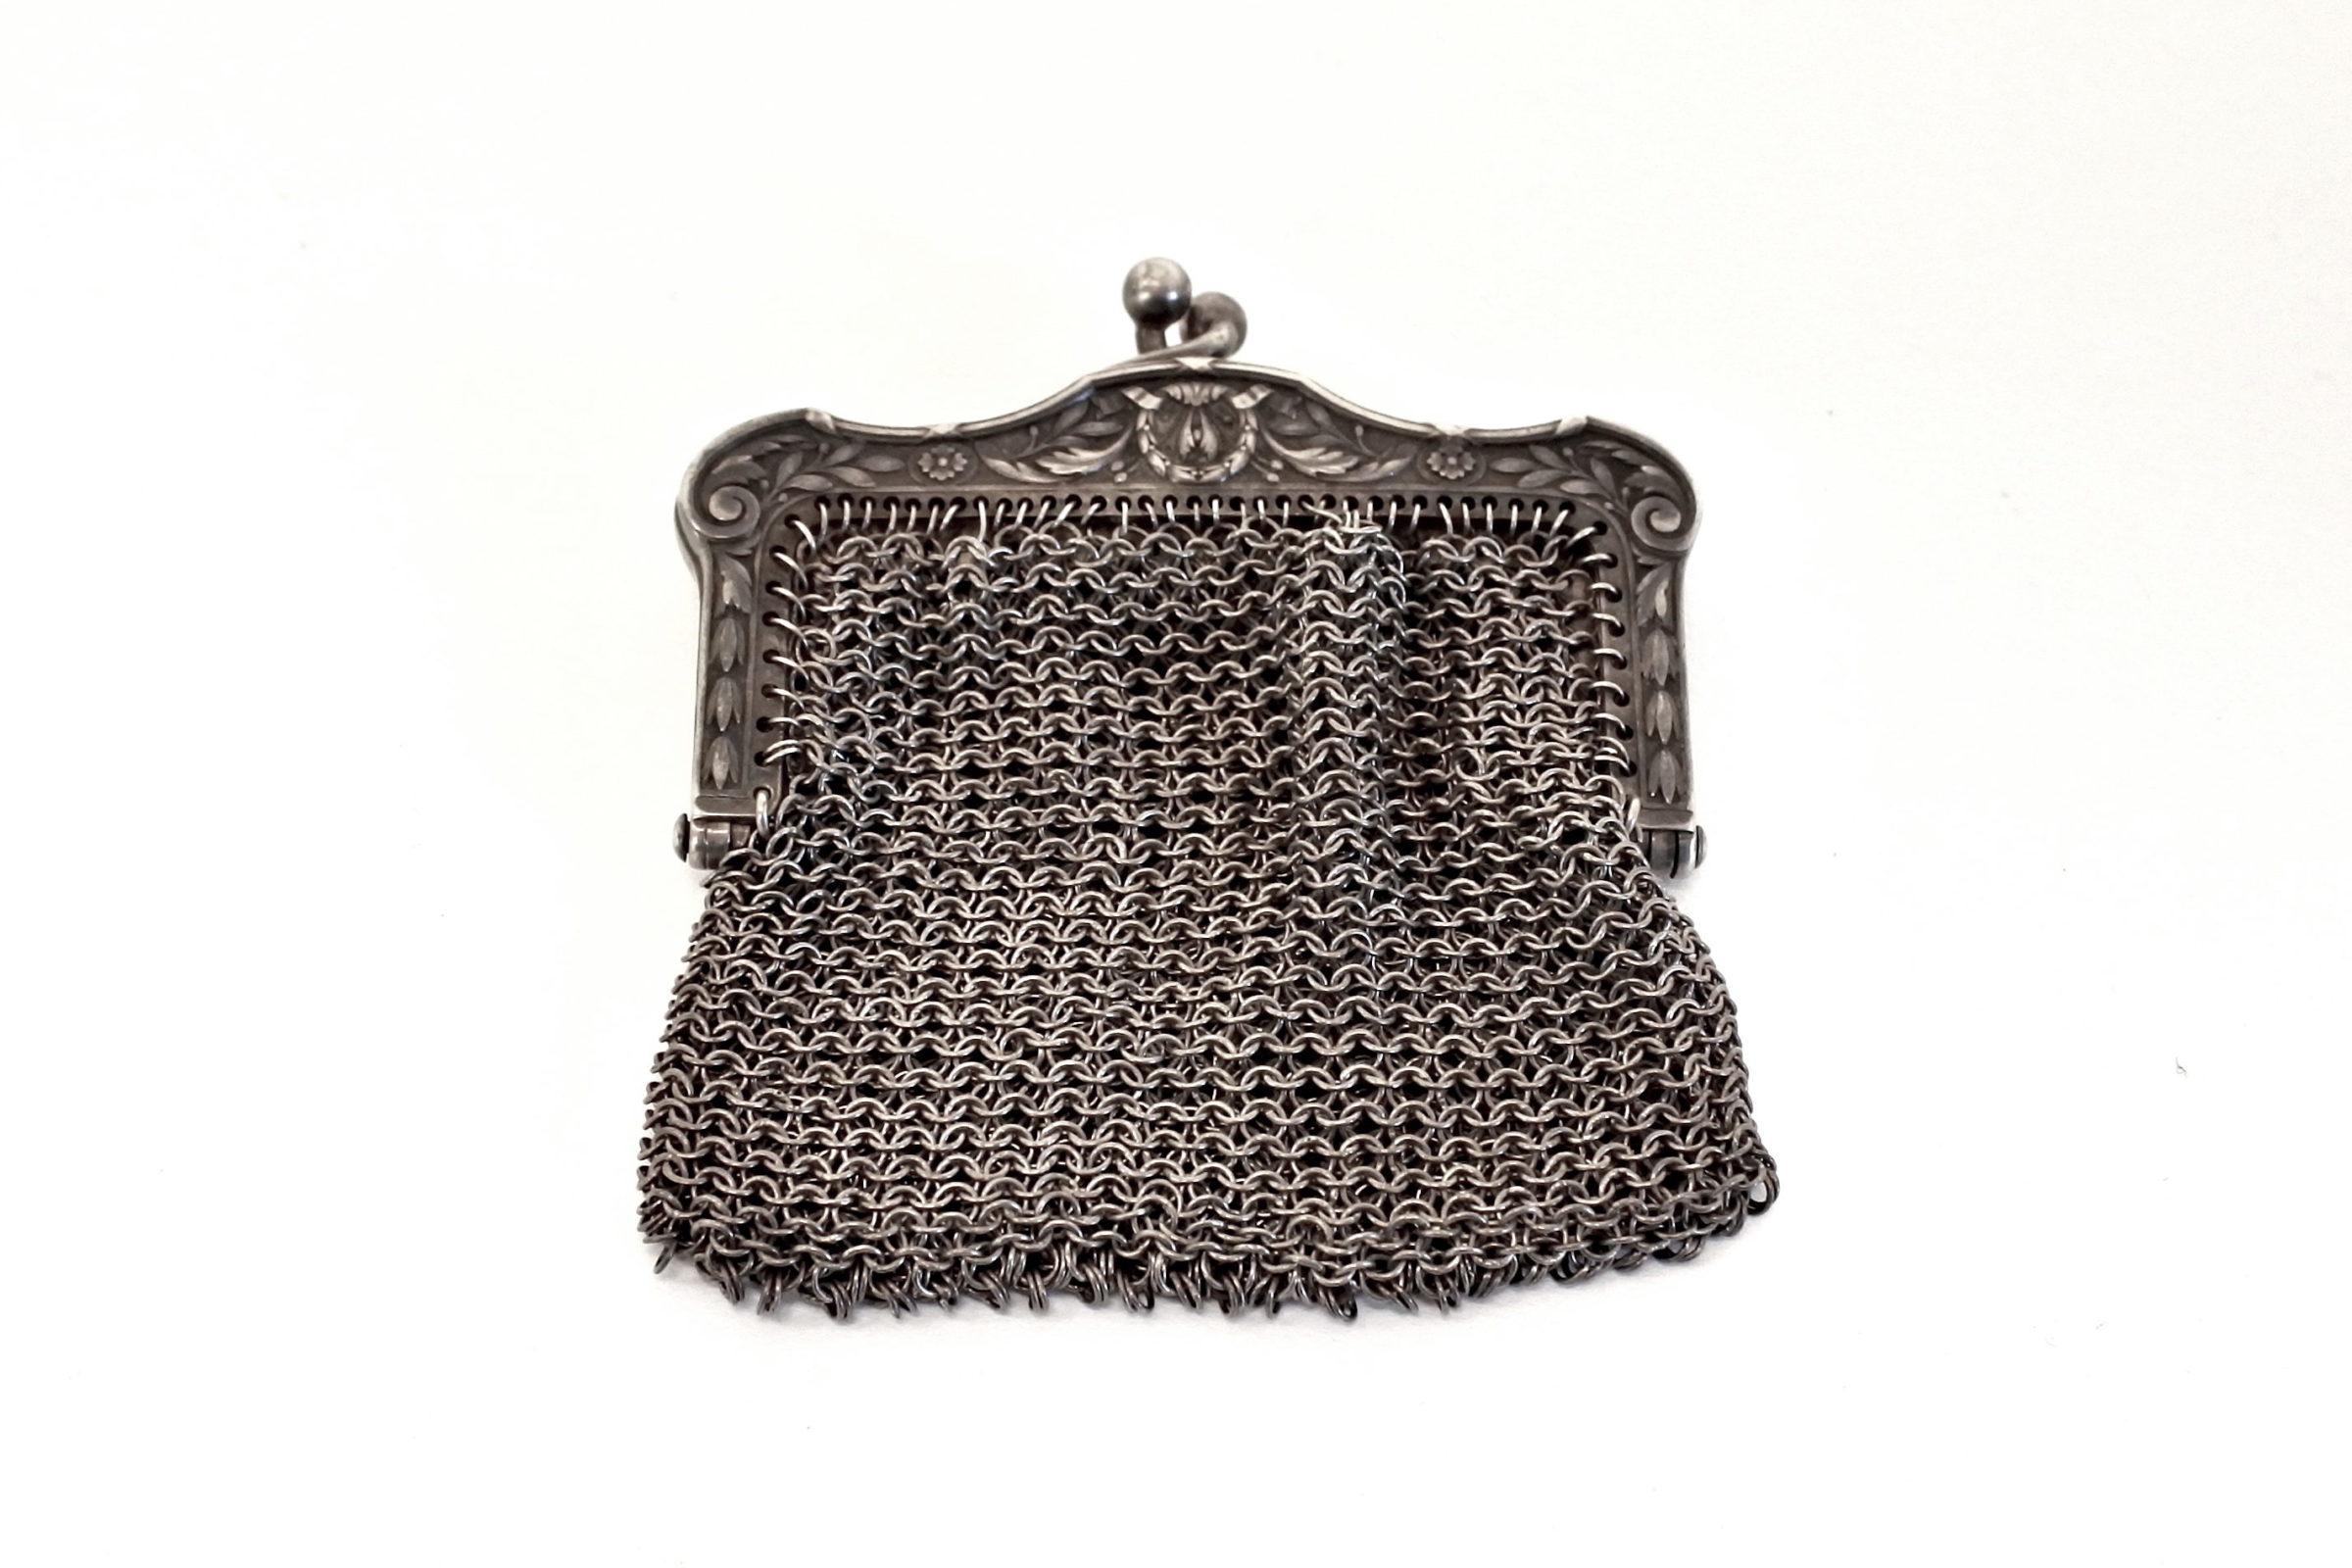 Borsellino in maglia d'argento con separatore vano interno - 2